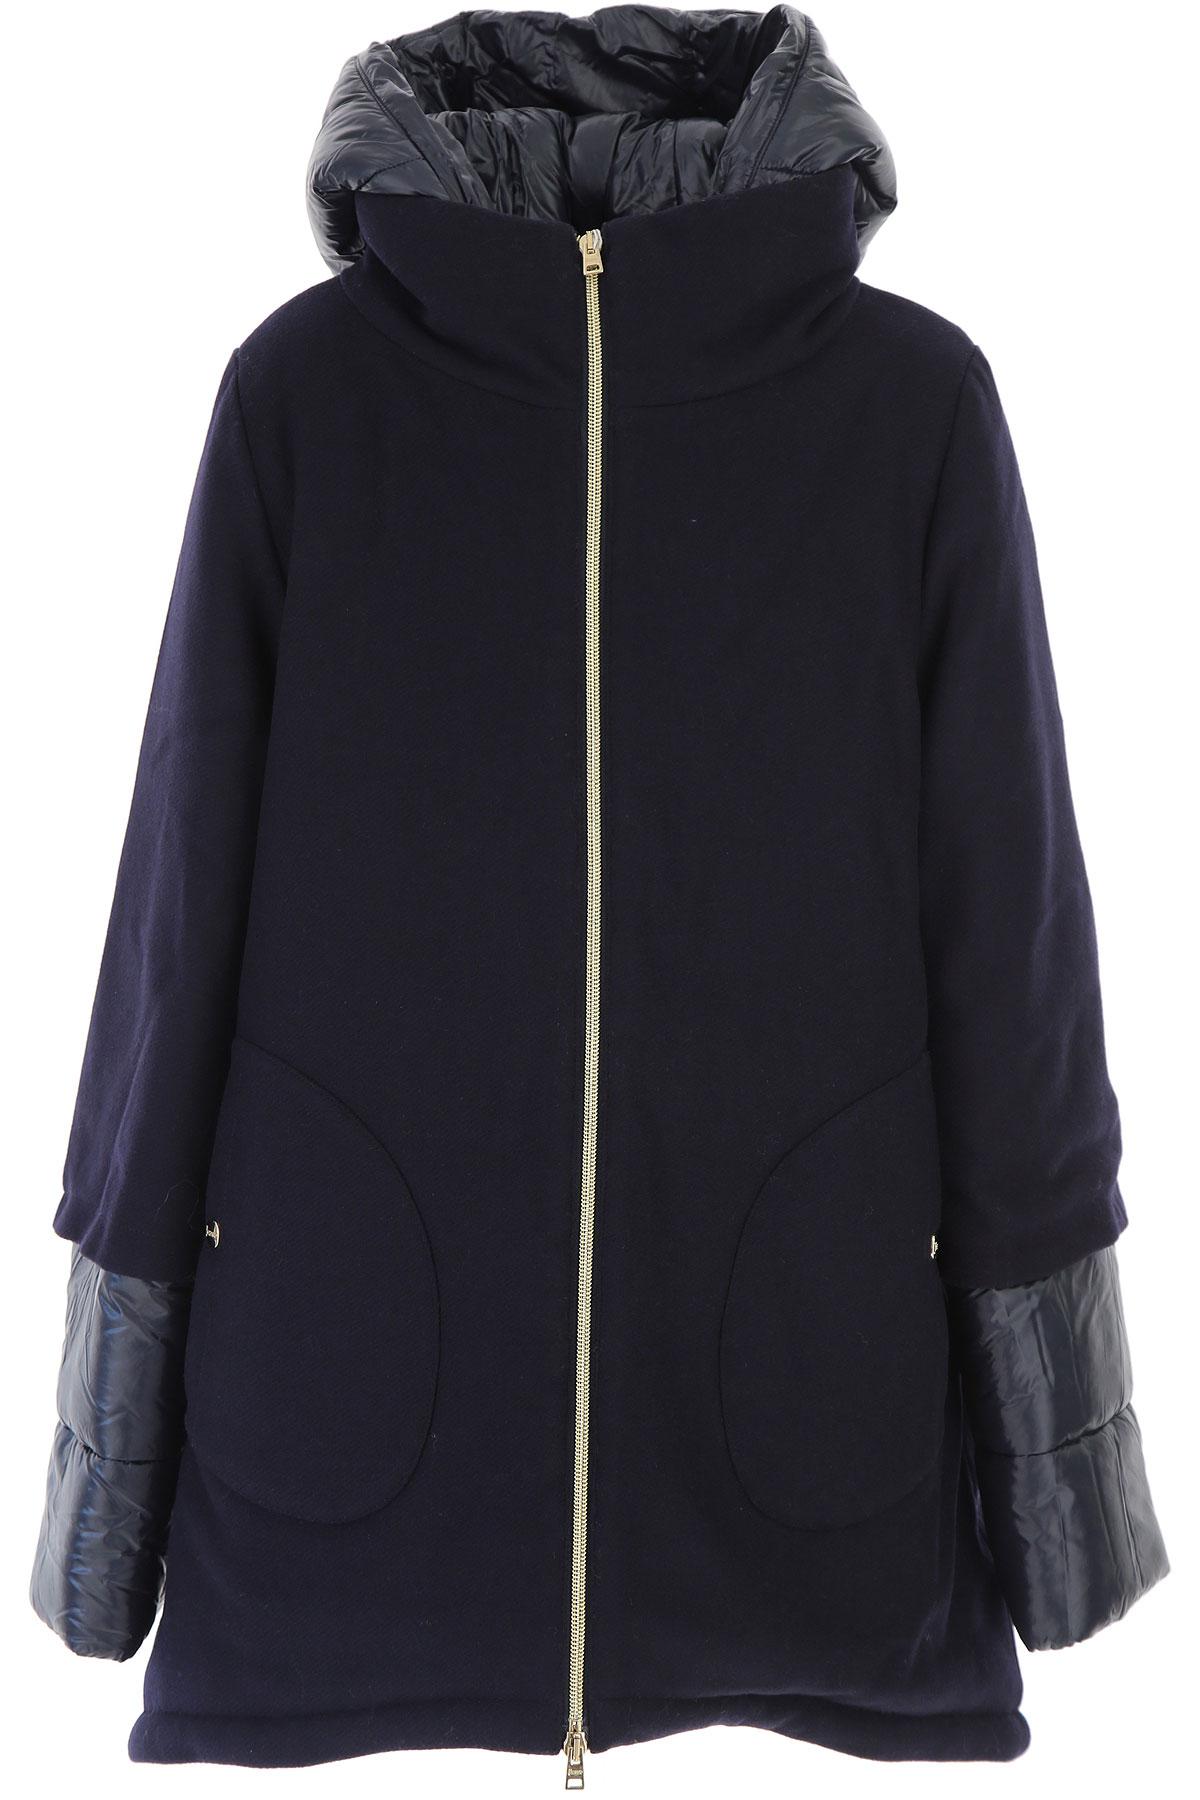 Image of Herno {DESIGNER} Kids Coat for Girls, Blue, Wool, 2017, 10Y 14Y 8Y